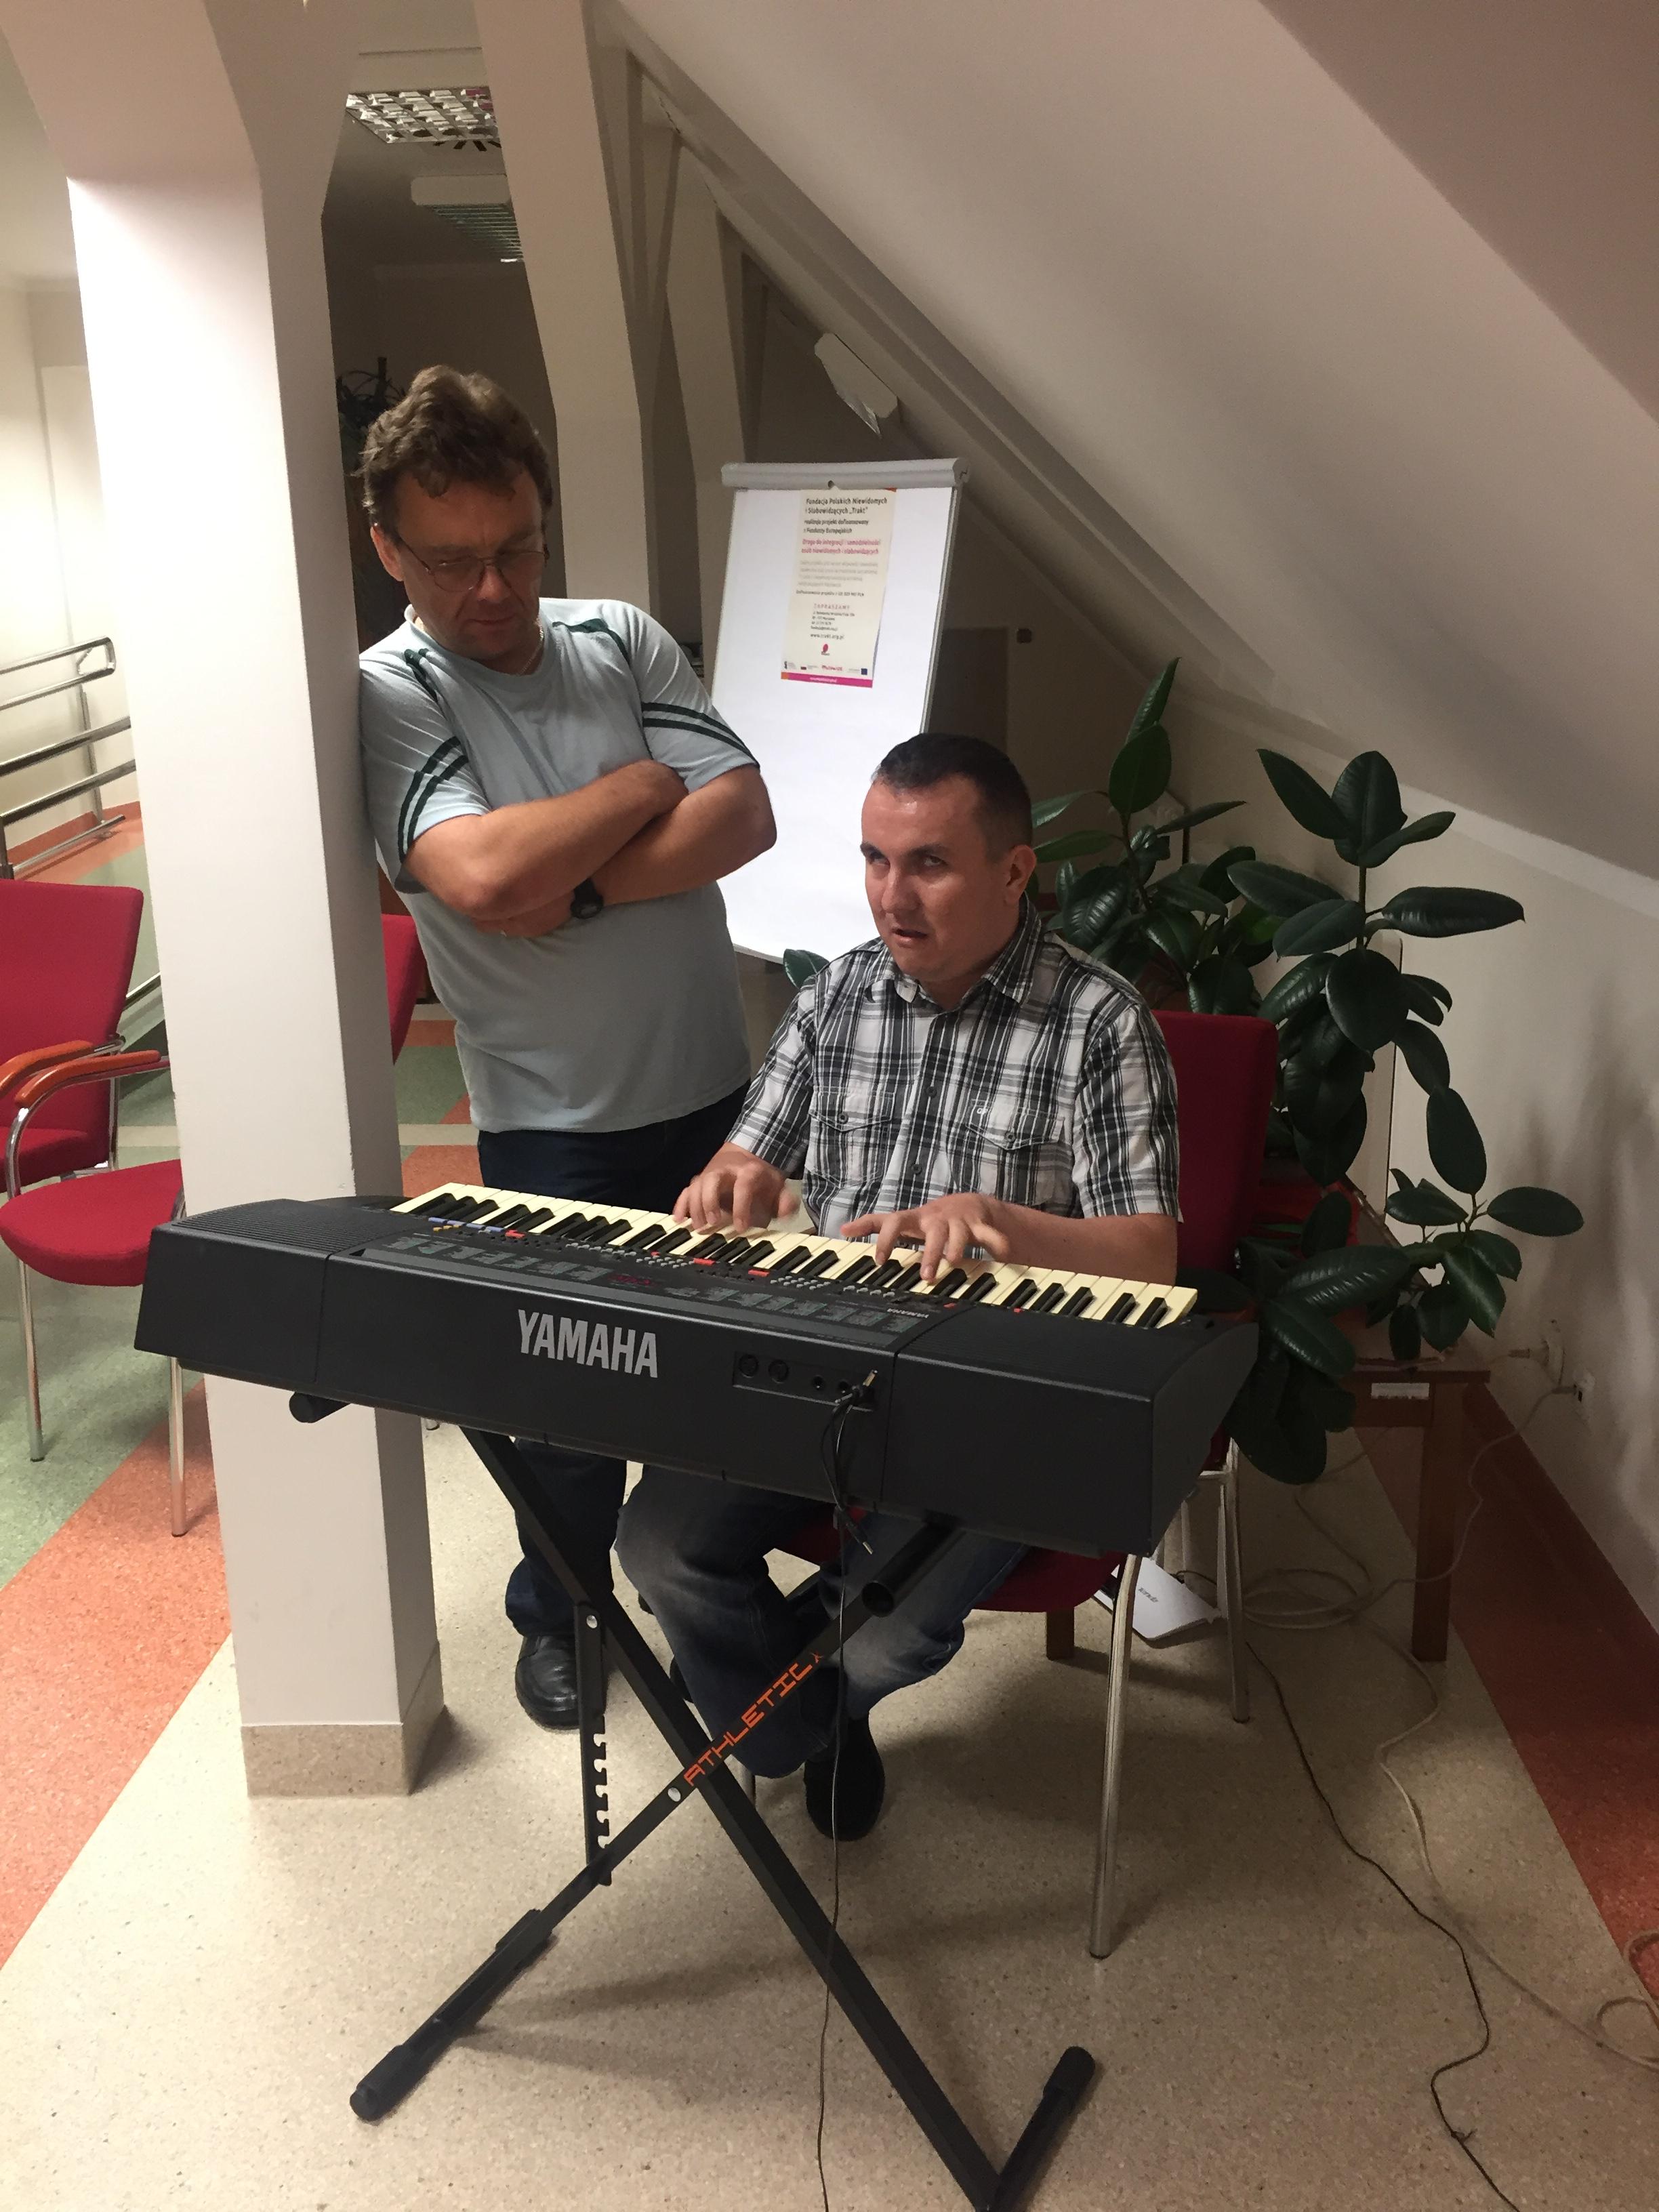 Chwila na muzyczny relaks – jeden z uczestników grający na keyboardzie